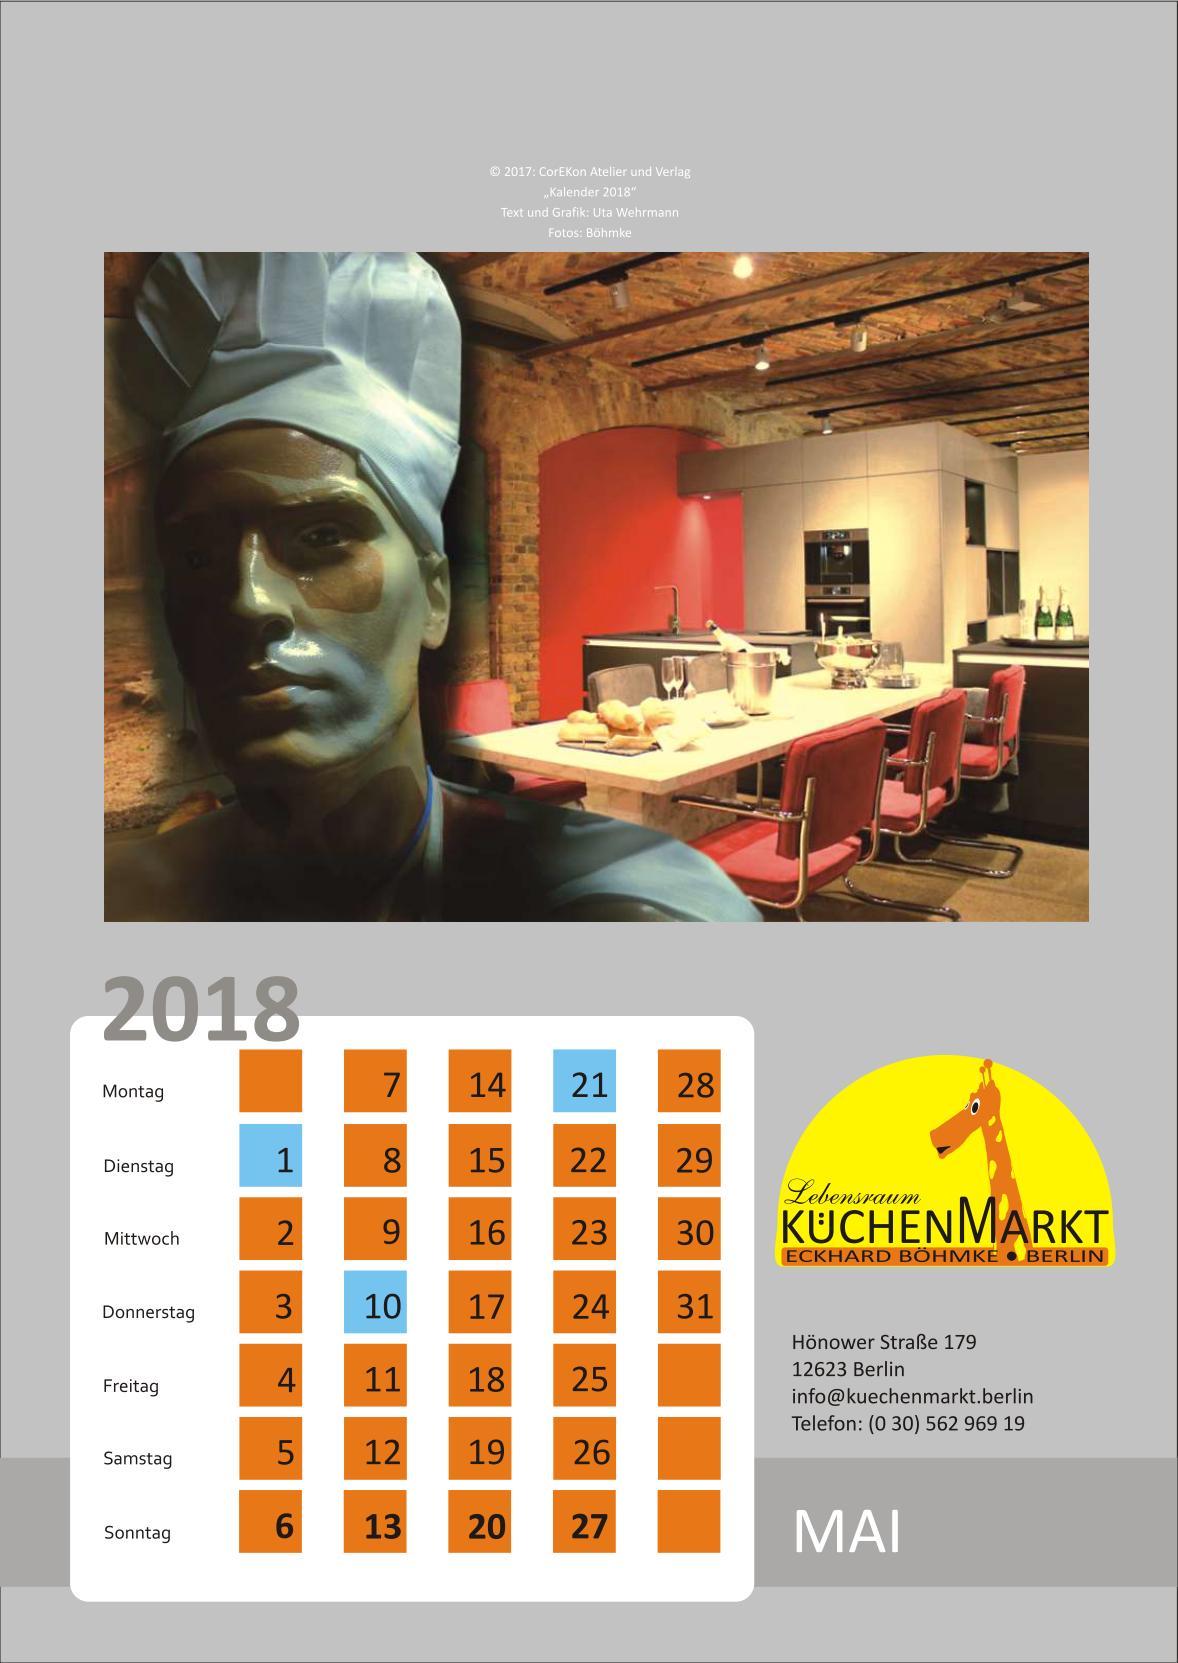 Küchenmarkt Böhmke - Küchen für Berlin